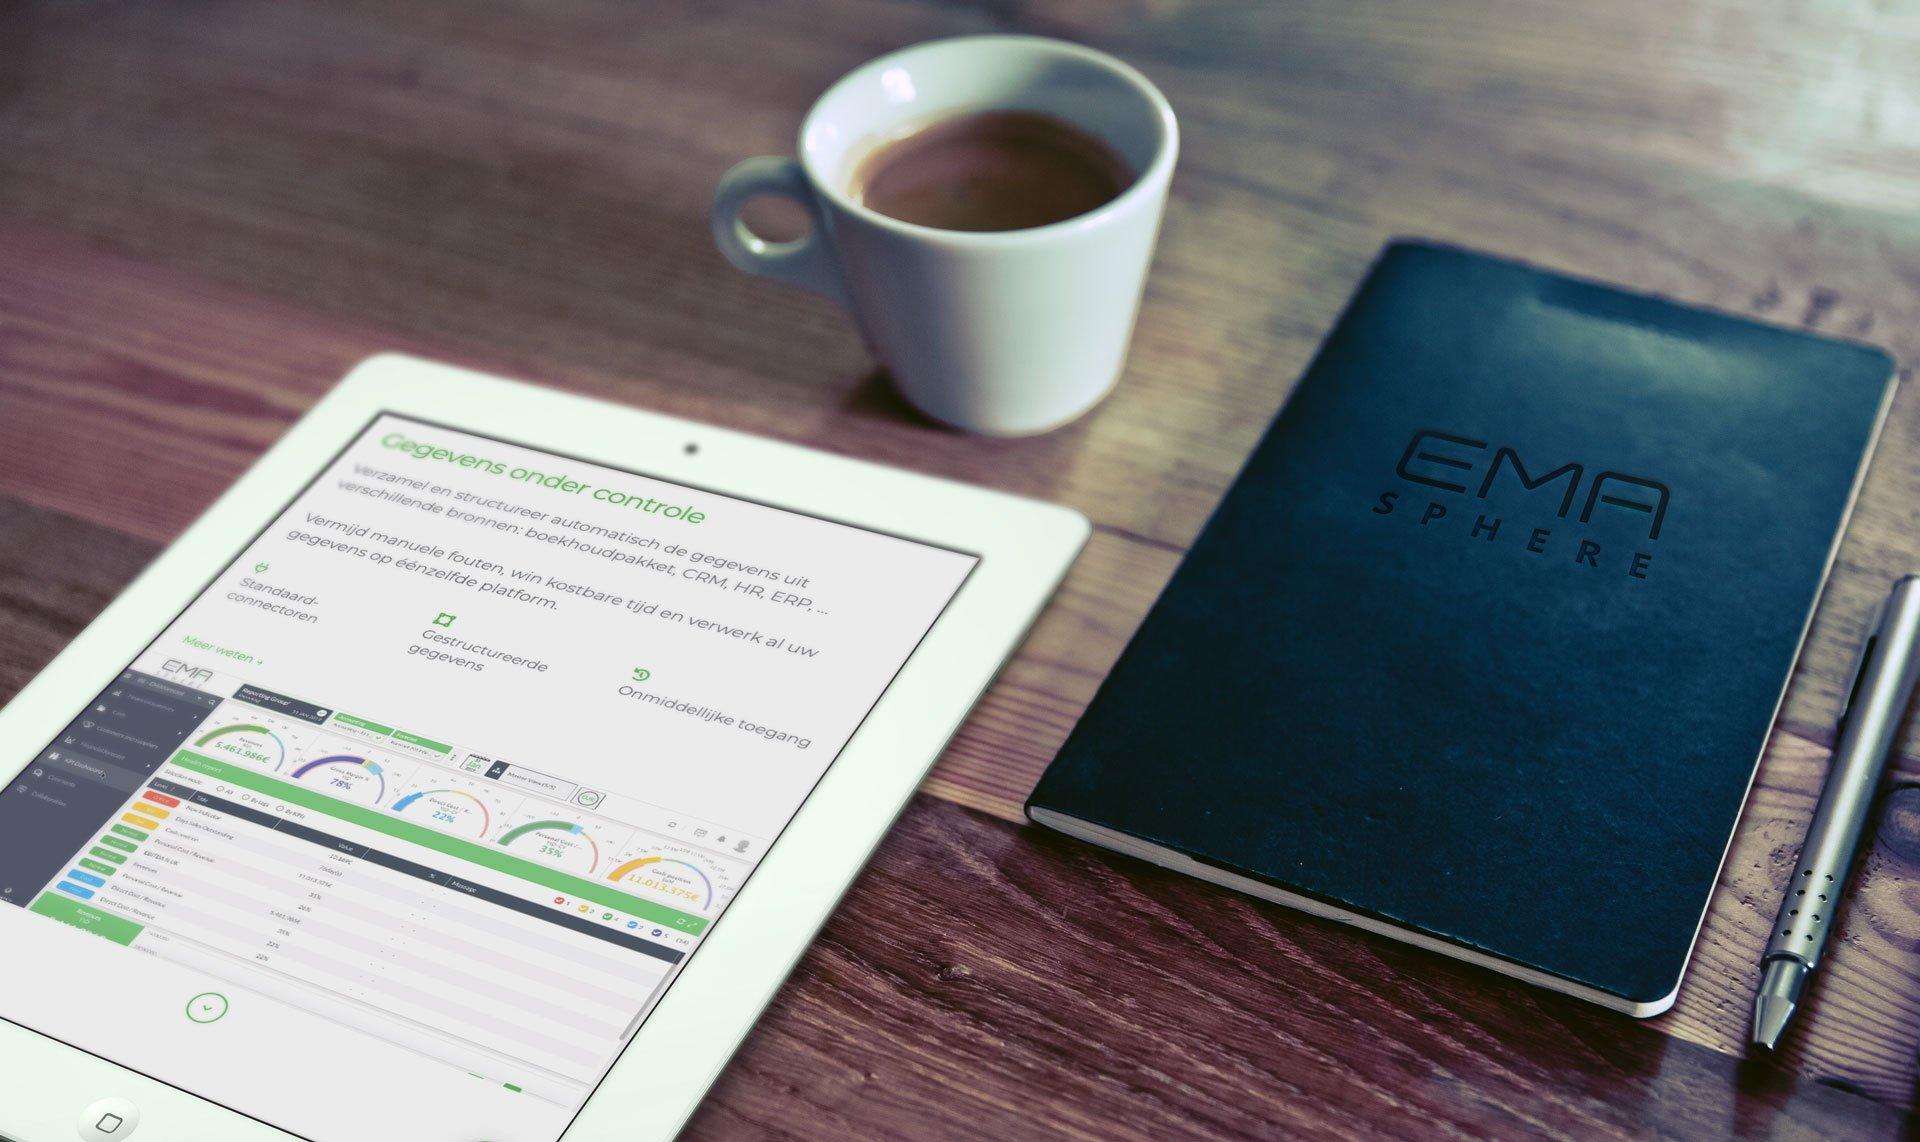 iPad EMAsphere